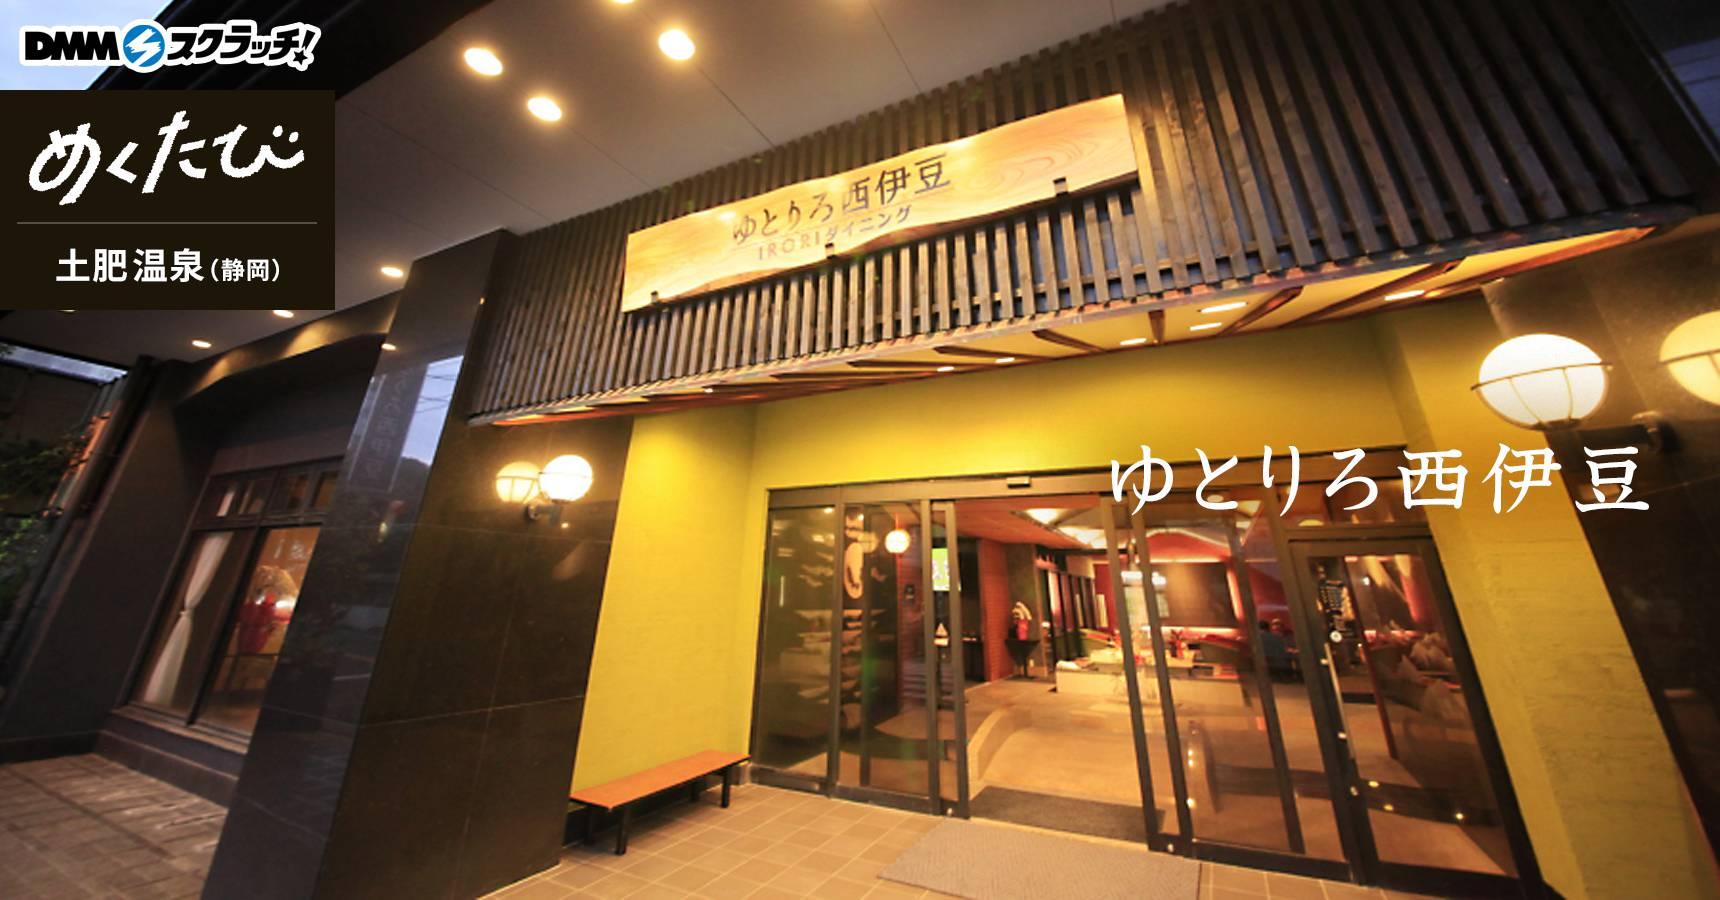 ゆとりろ西伊豆 土肥温泉 (静岡県)